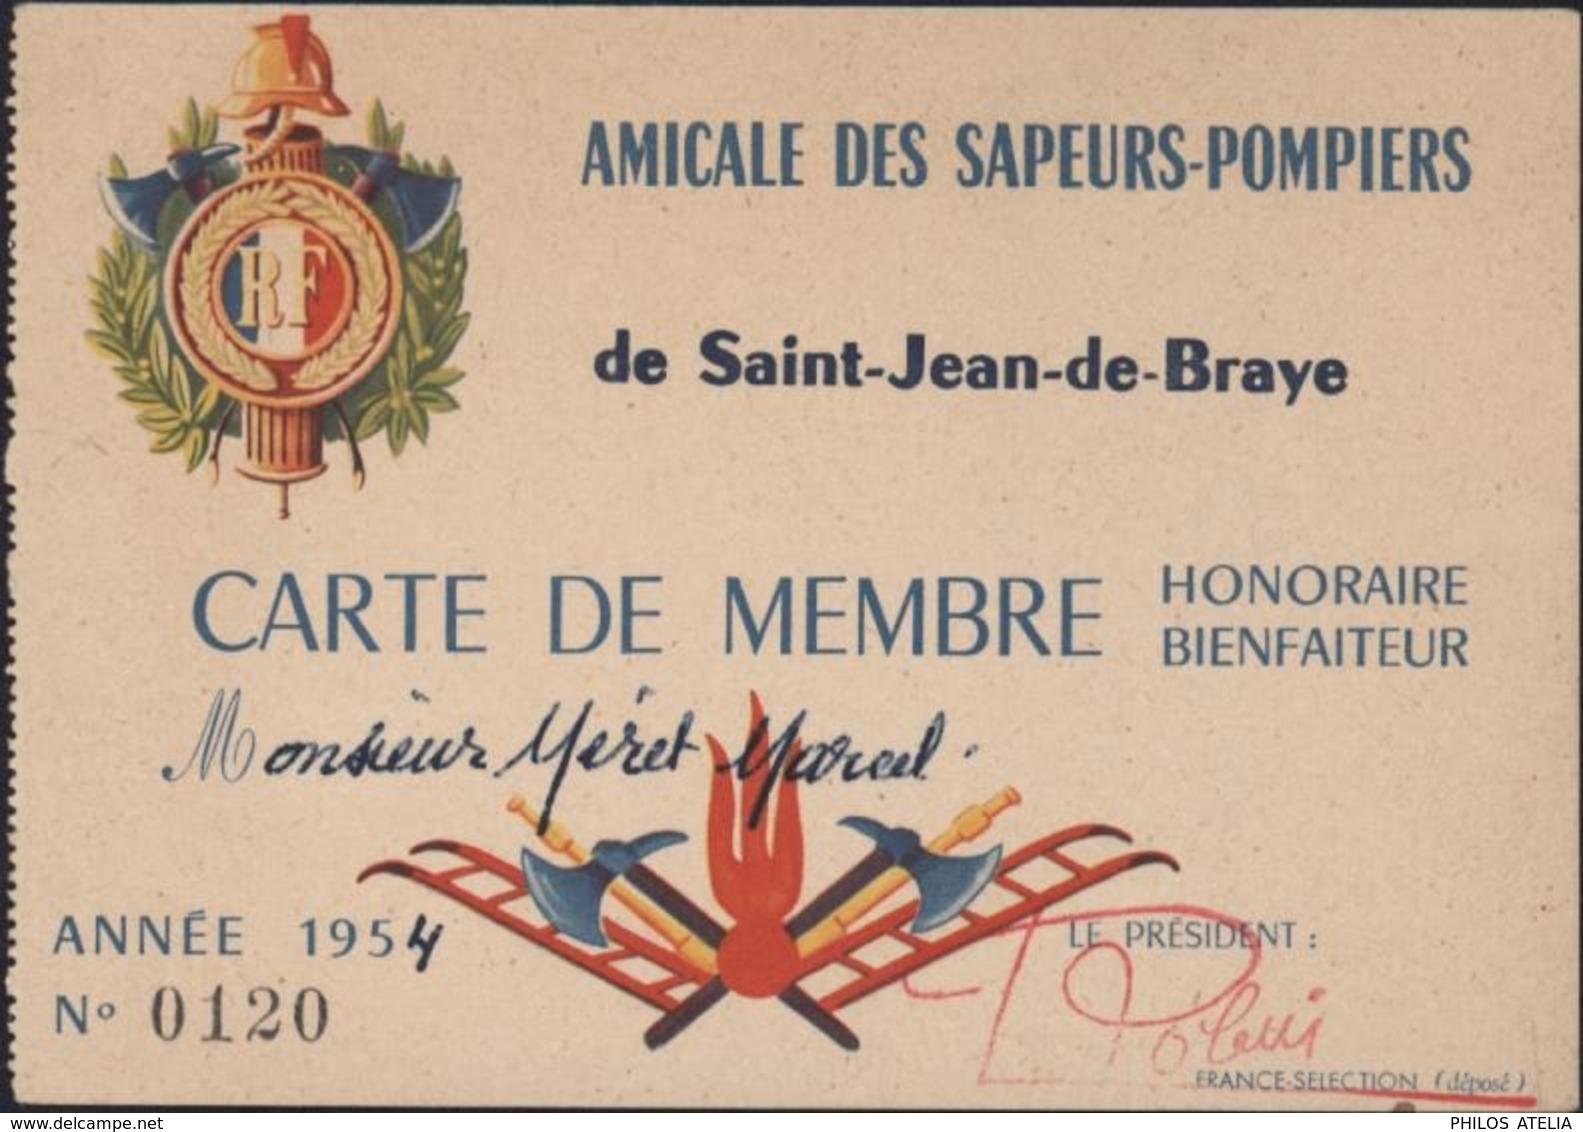 Amicale Sapeurs Pompiers Saint St Jean De Braye 1954 Carte Membre Honoraire Bienfaiteur 45 Loiret - Cartes